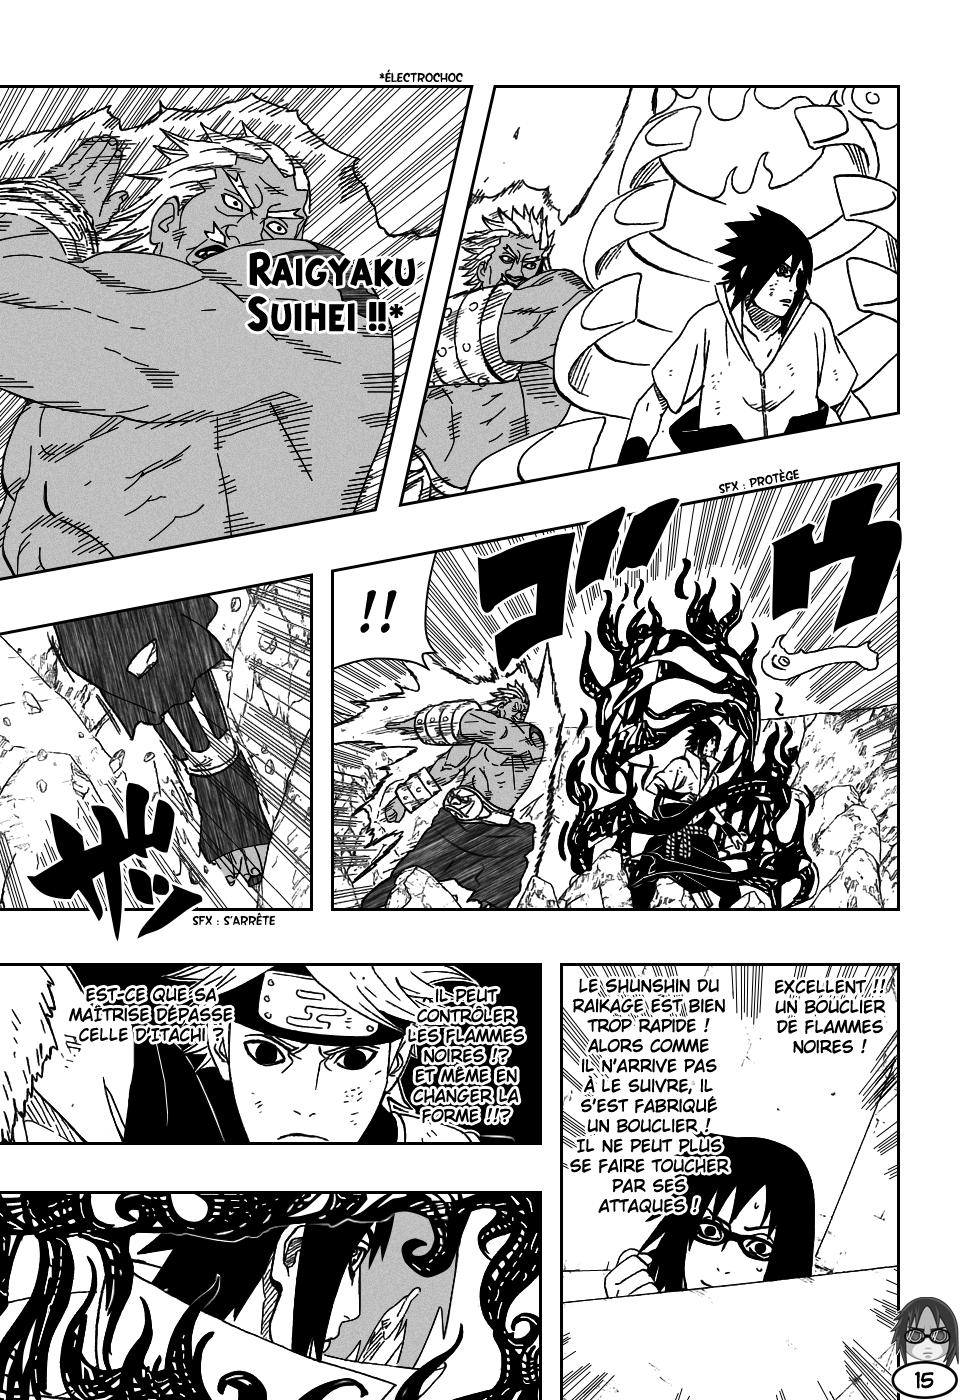 Naruto chapitre 463 - Page 14